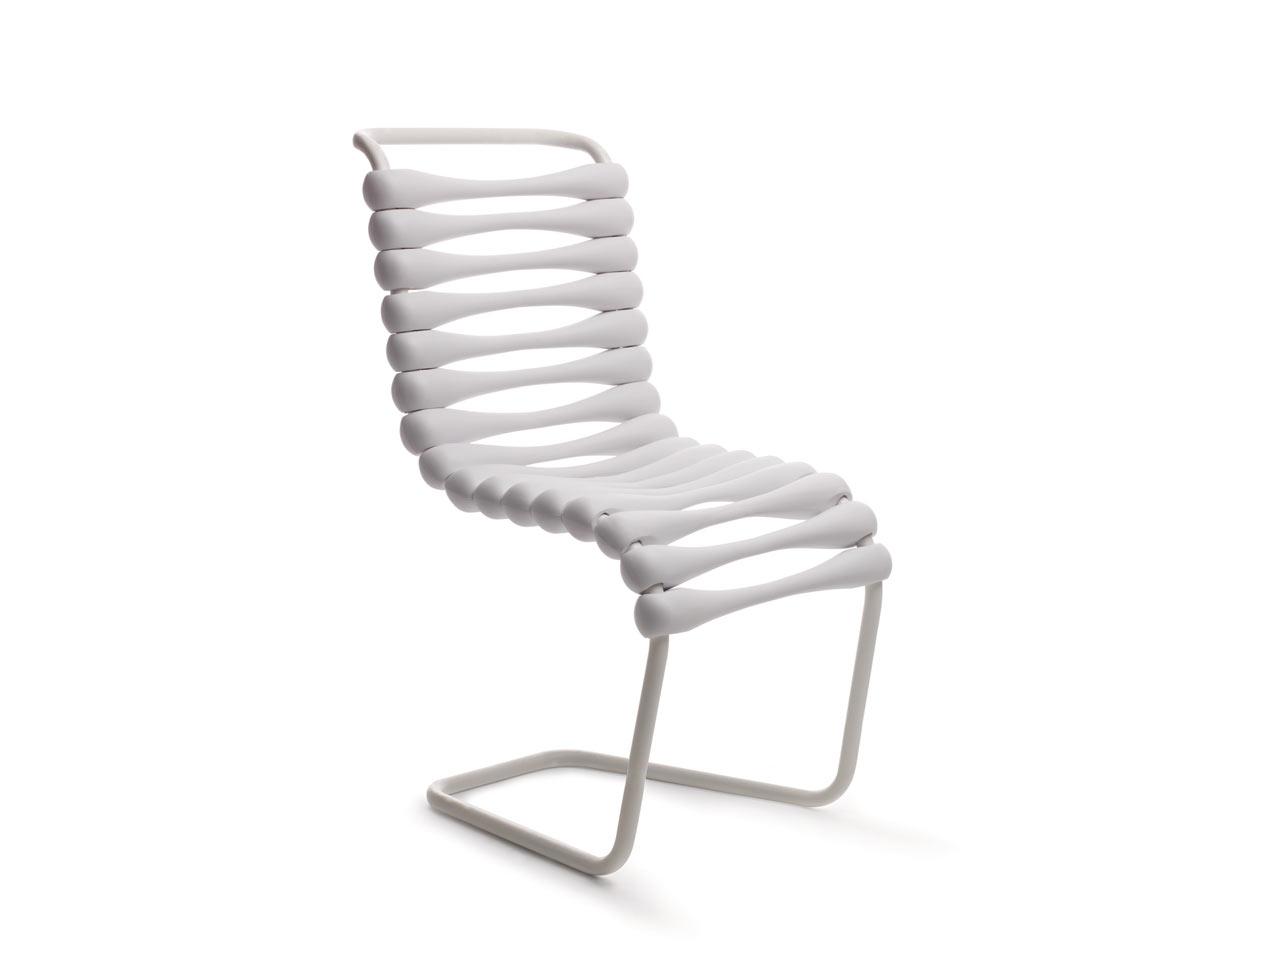 BOING-Chair-Karim-Rashid-Gufram-6